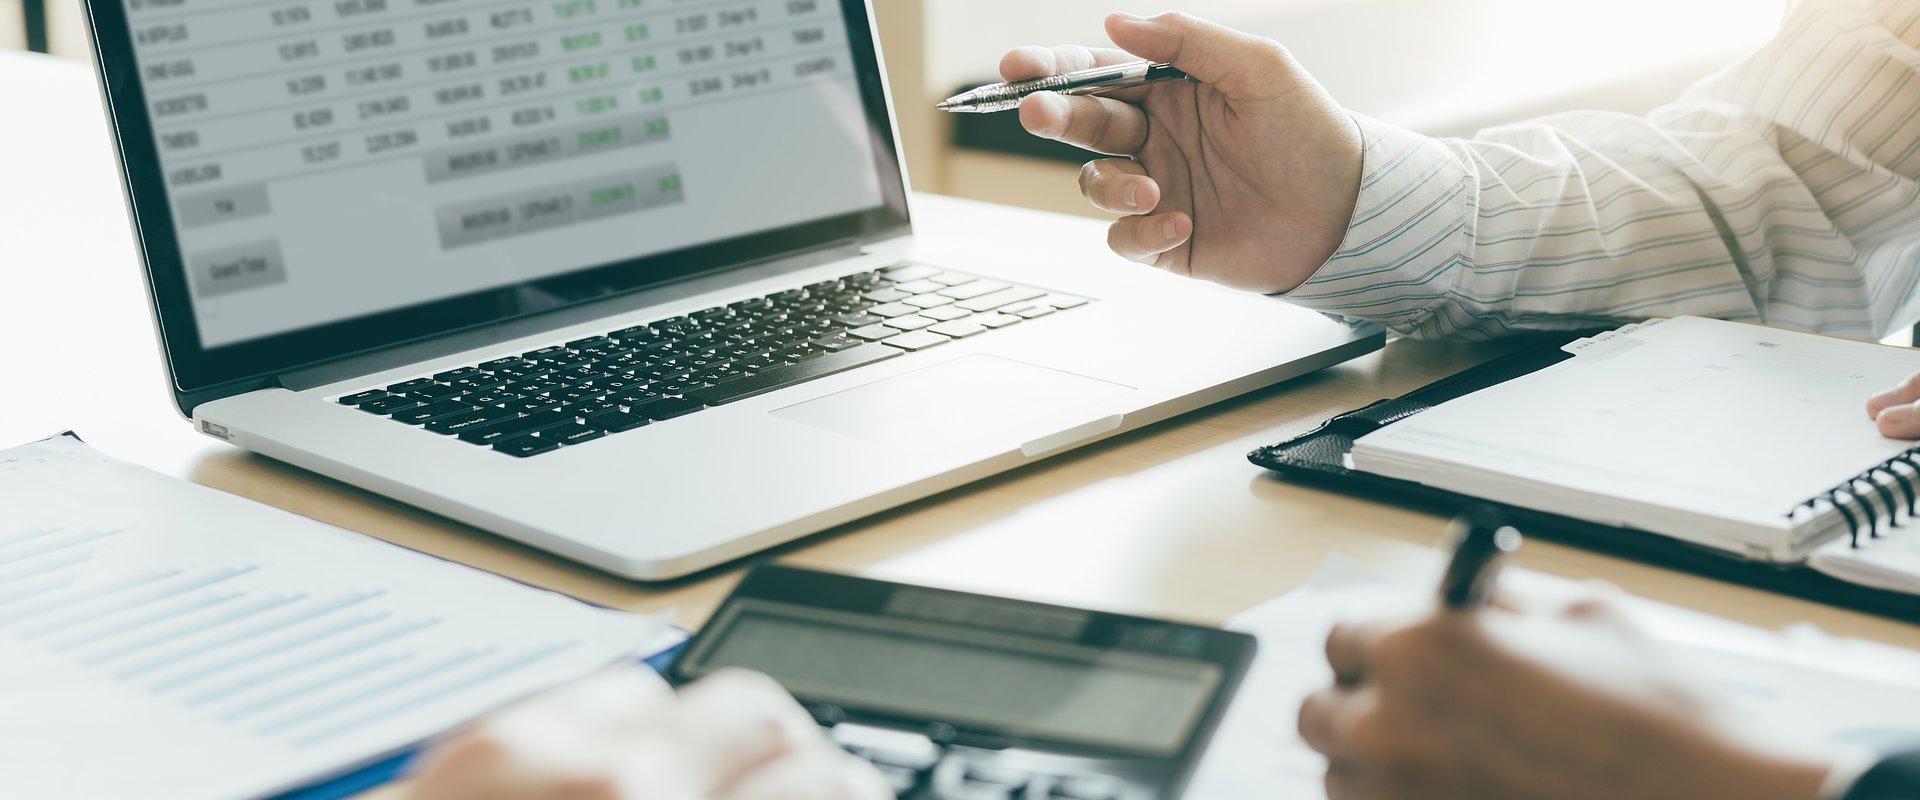 Zaostrzające się kryteria bankowe dotykają MSP. Dlaczego firma nie ma szansy na kredyt?